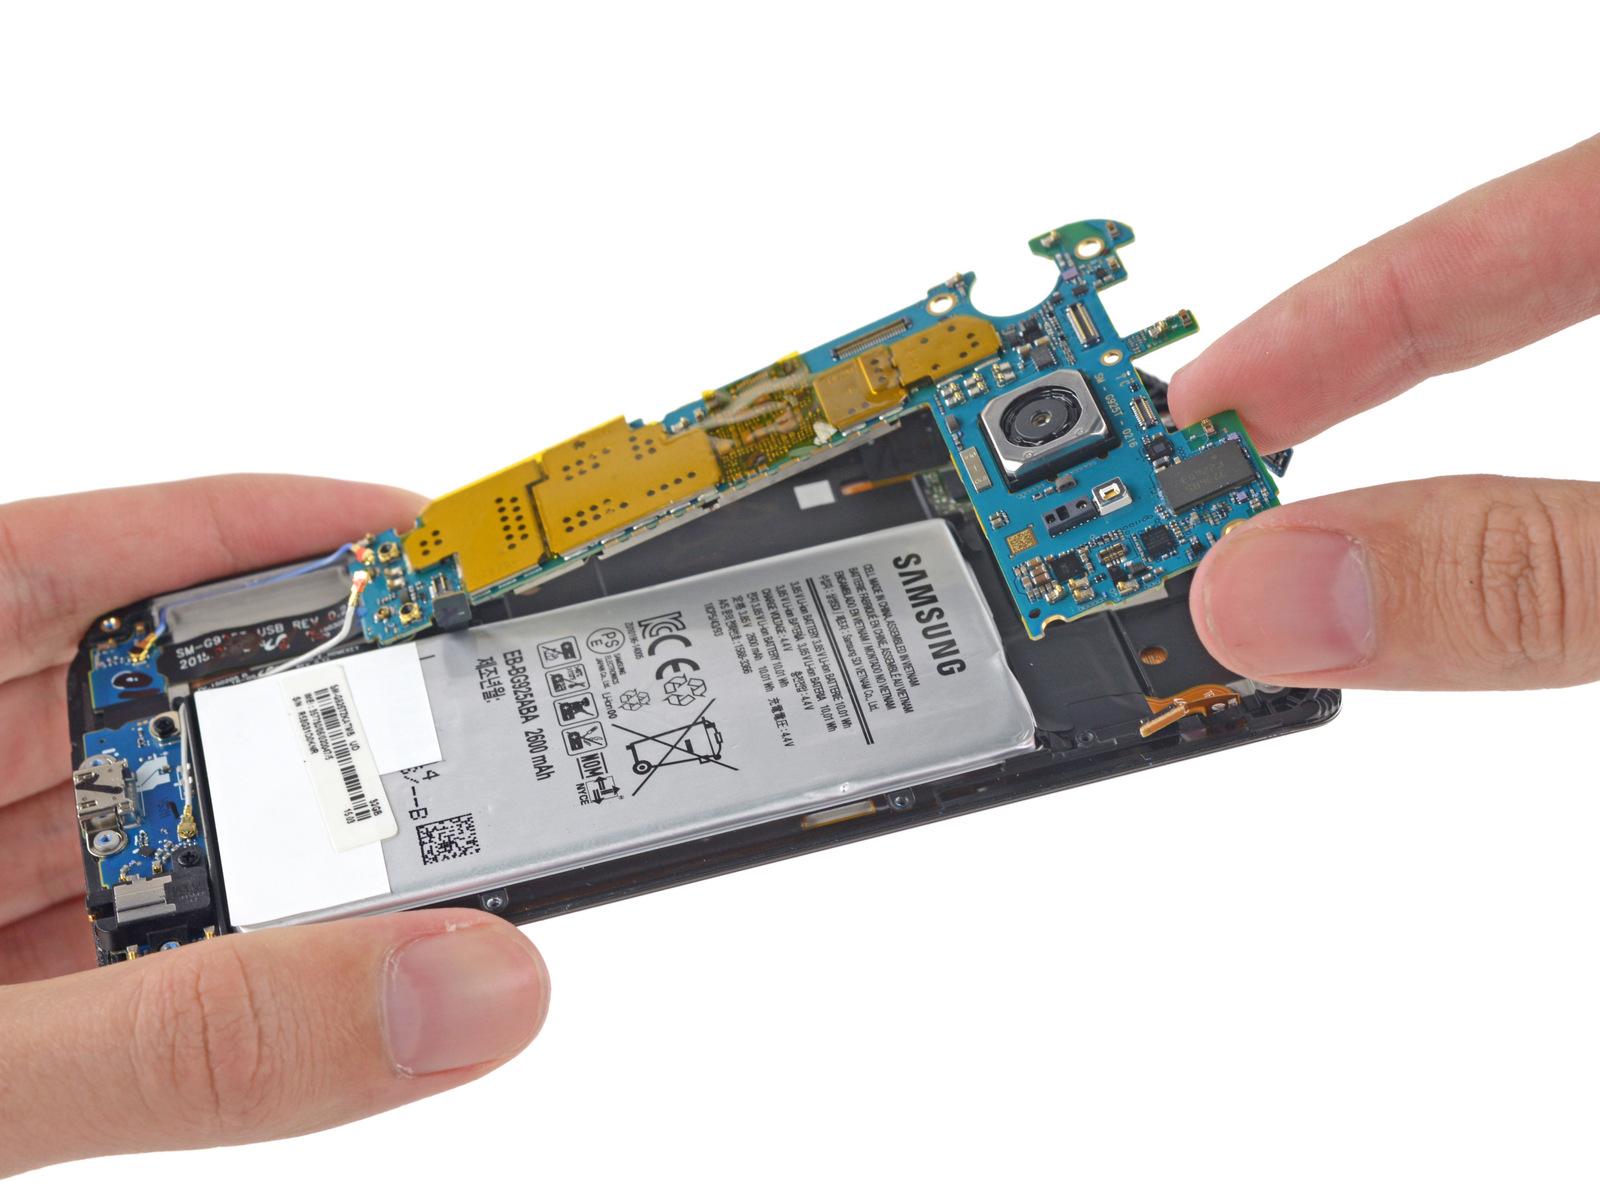 Samsung-Galaxy-S6-Edge-Teardown-3.jpg